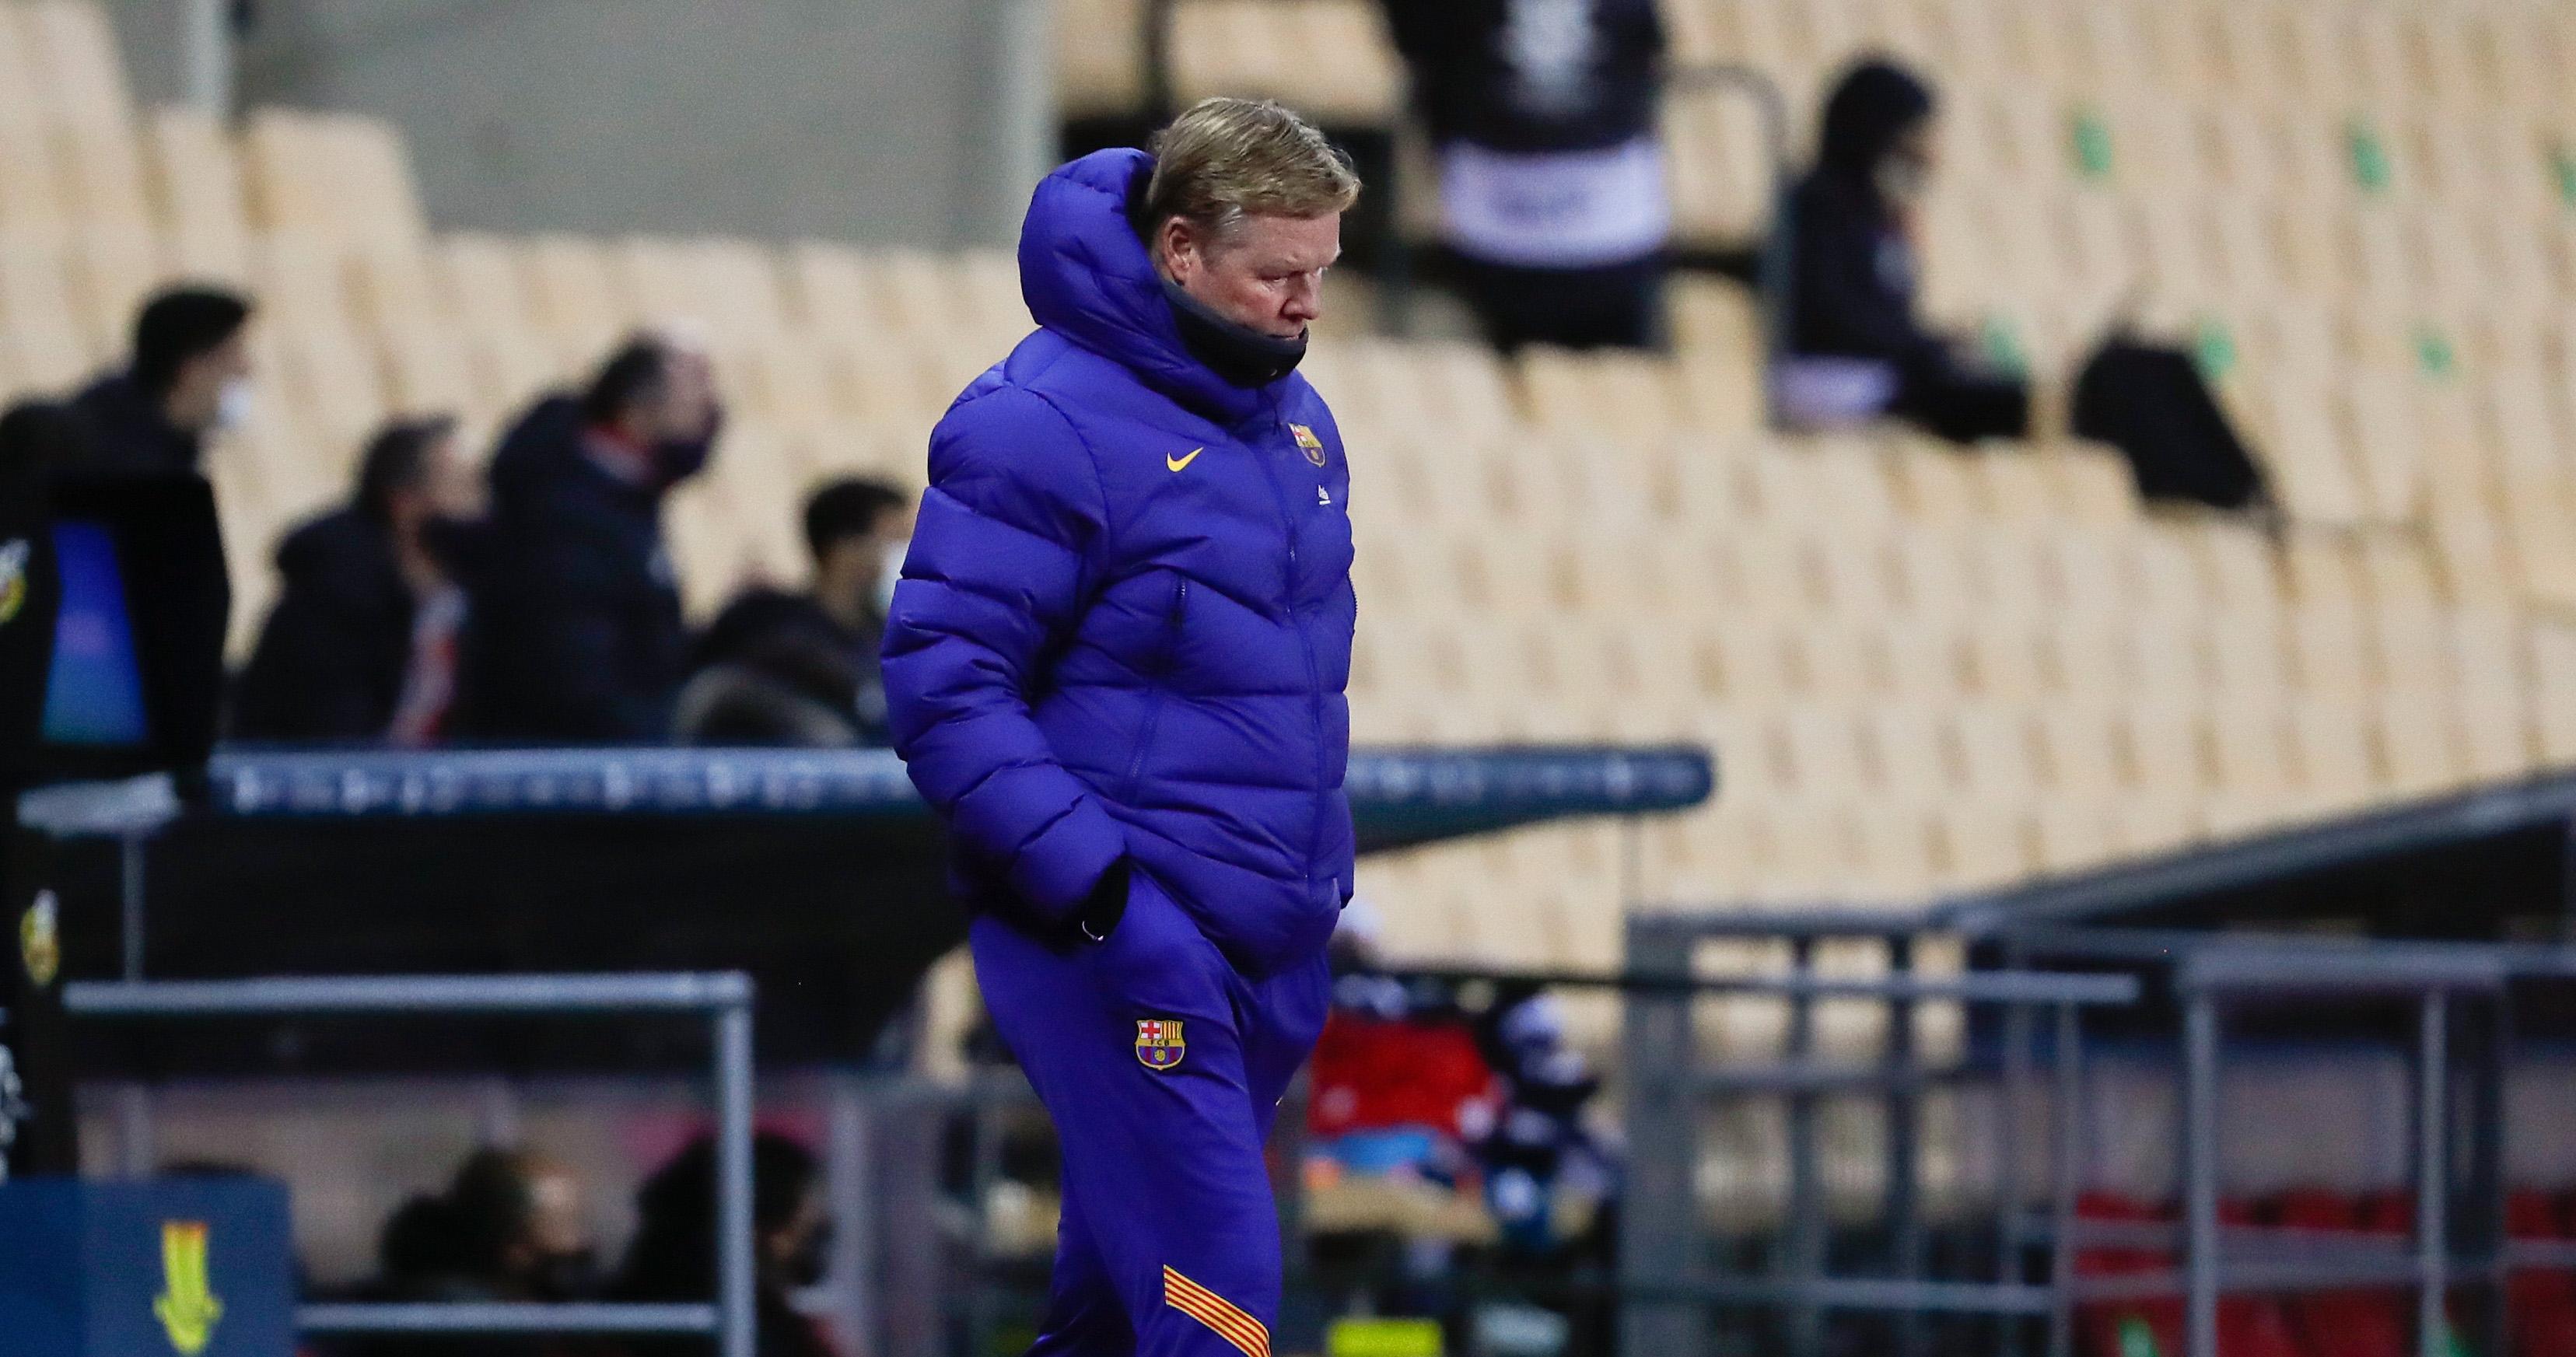 Старши треньорът на Барселона Роналд Куман изрази разочарованието си от